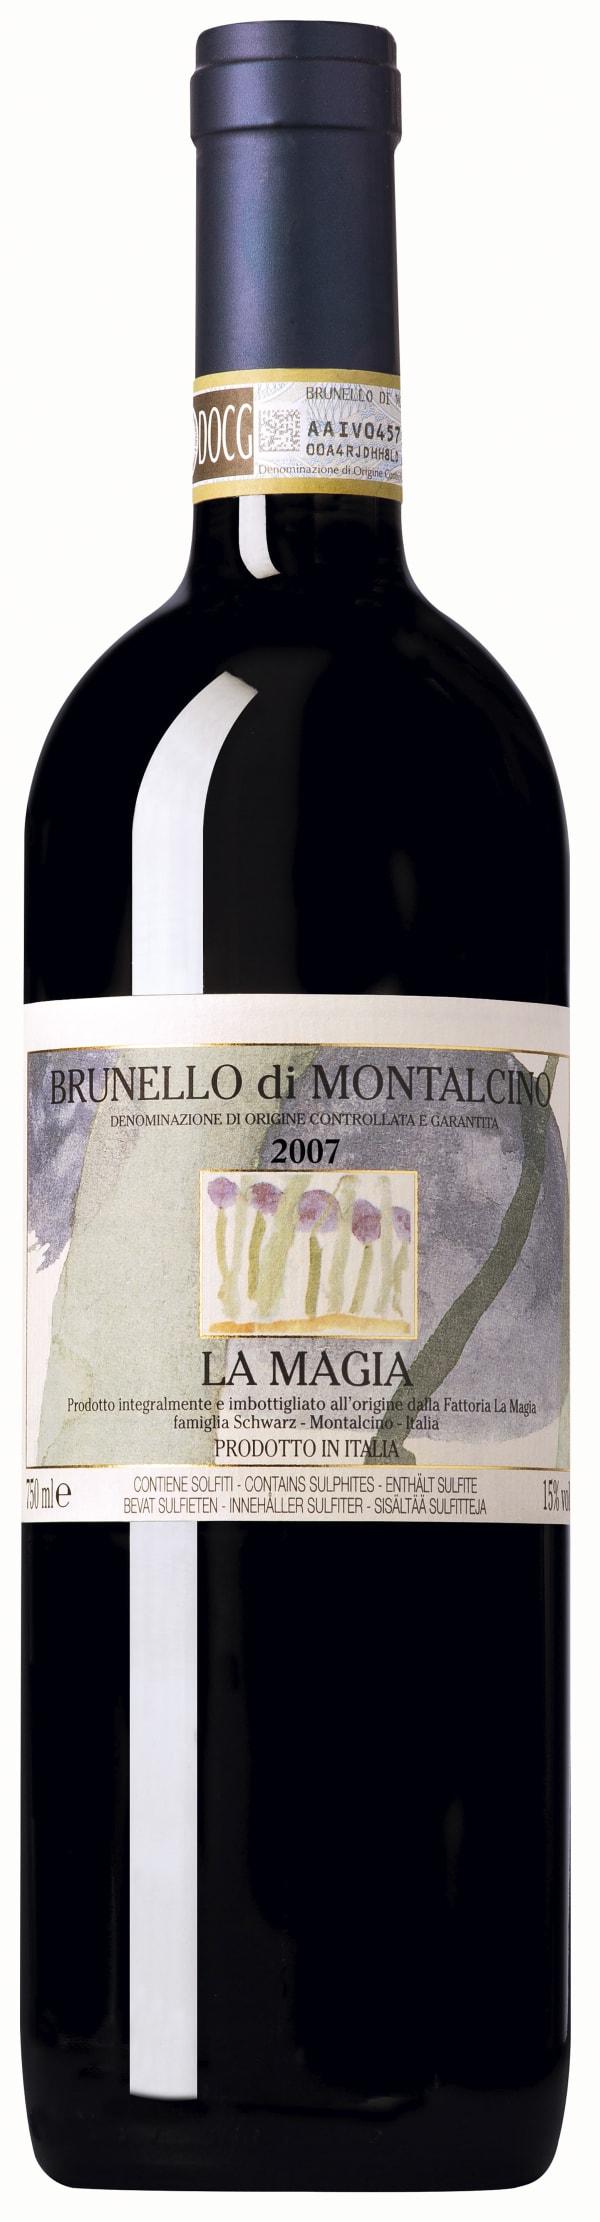 La Magia Brunello di Montalcino 2012